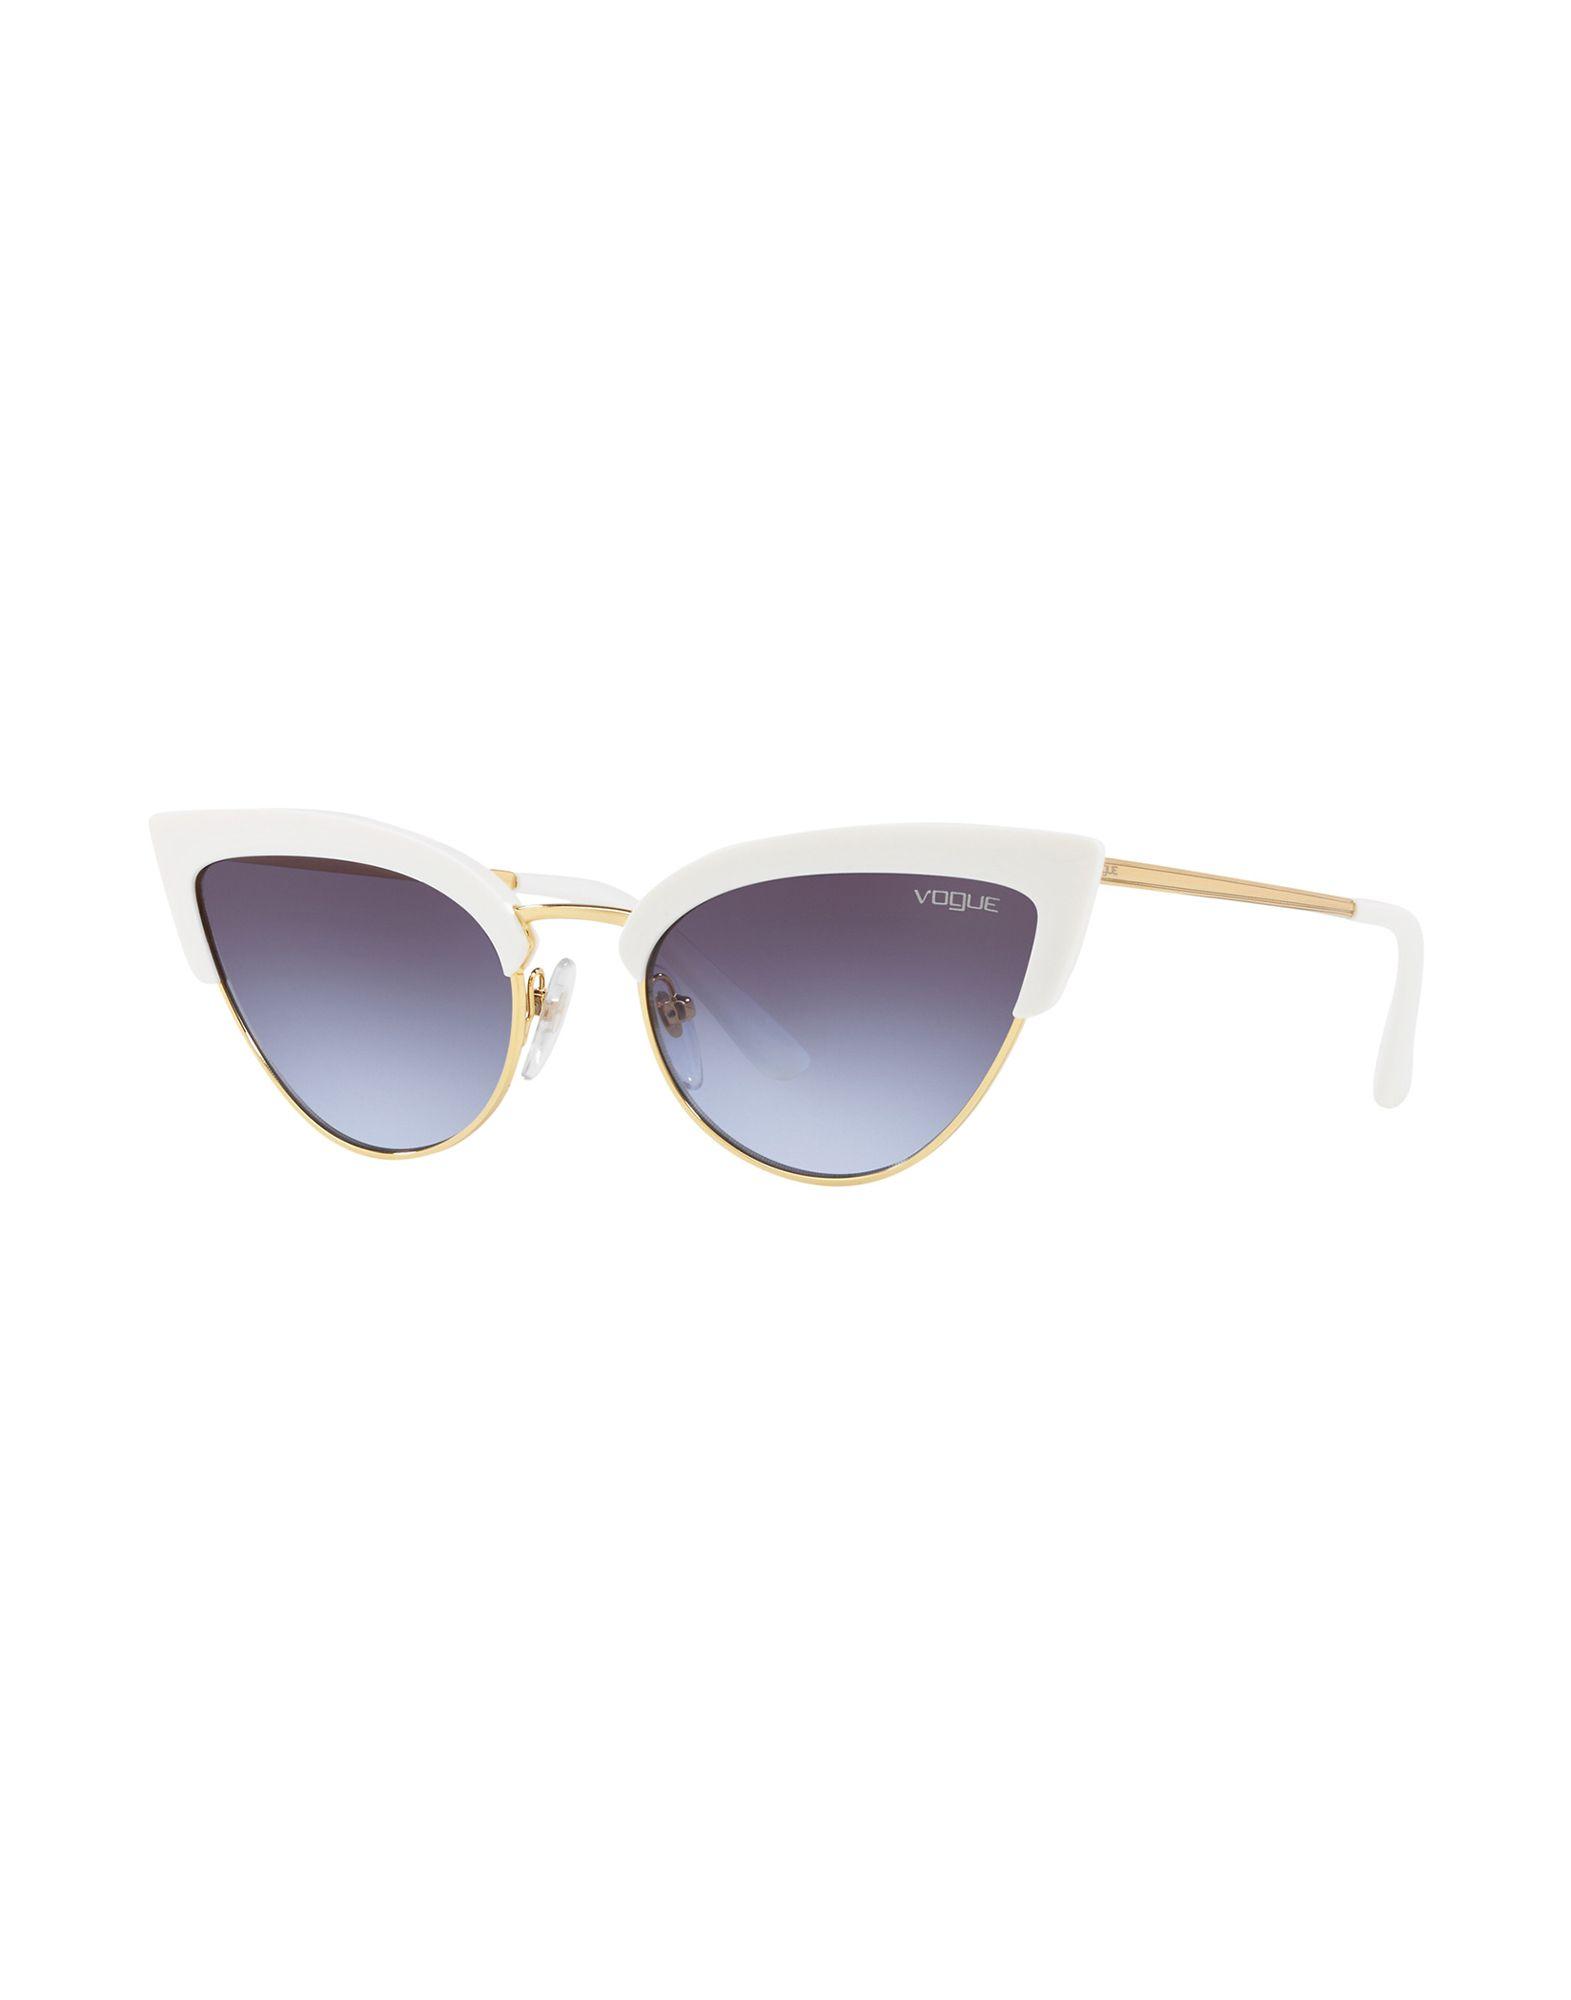 7422d75385 Γυαλιά Ηλίου Vogue Vo5212s - Γυναίκα - Γυαλιά Ηλίου Vogue στο YOOX -  46586259VE